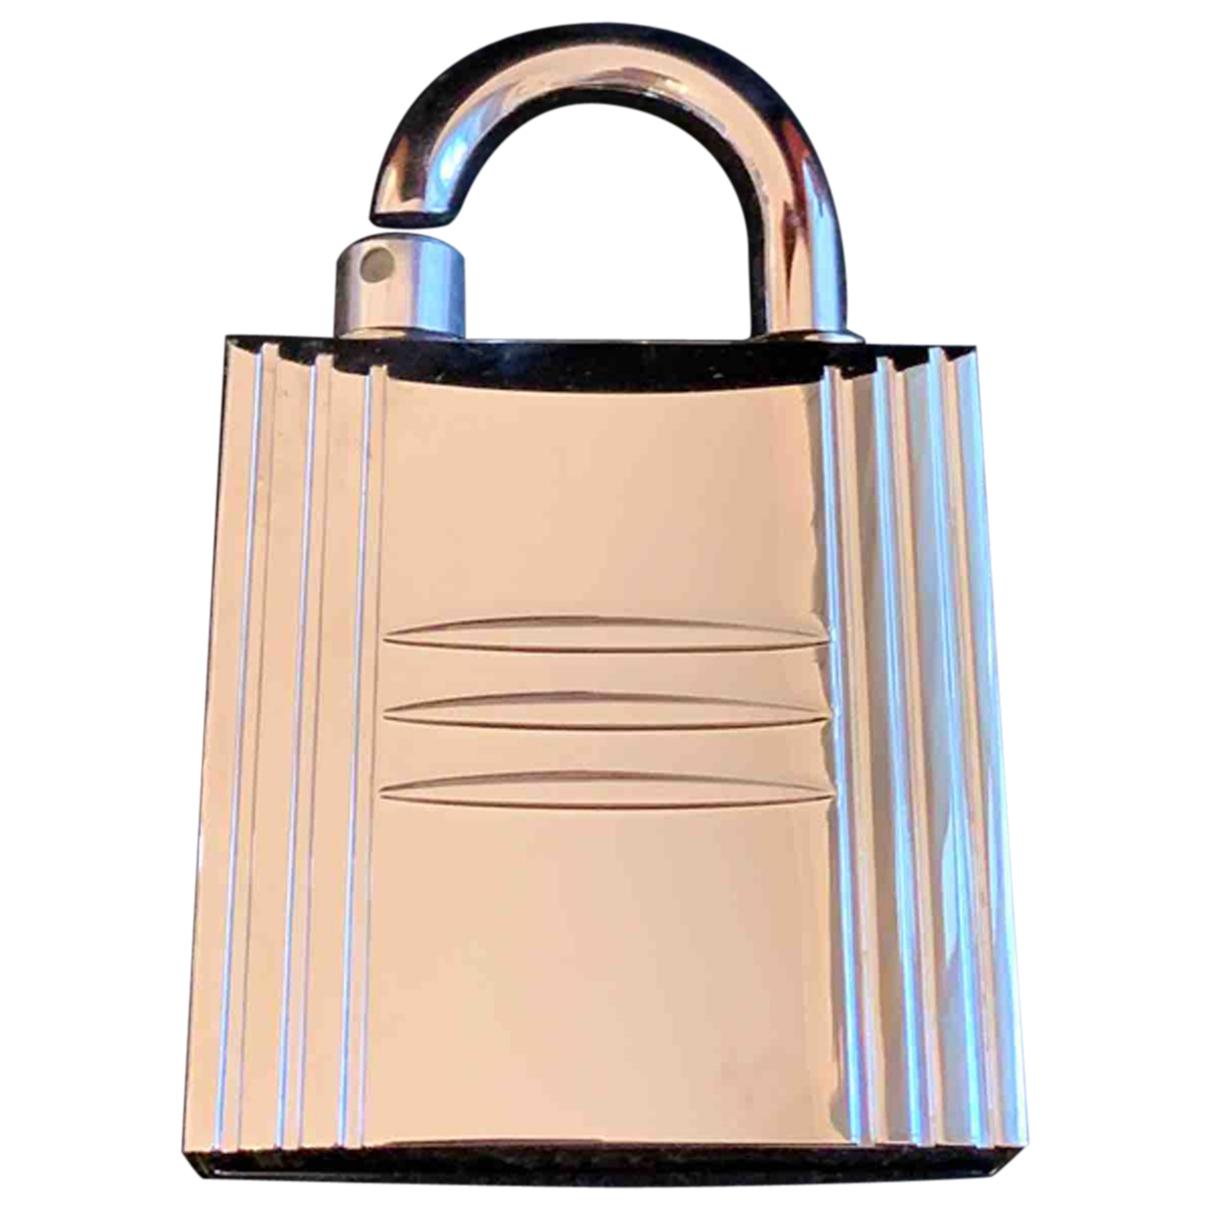 Hermes - Bijoux de sac   pour femme en metal - argente